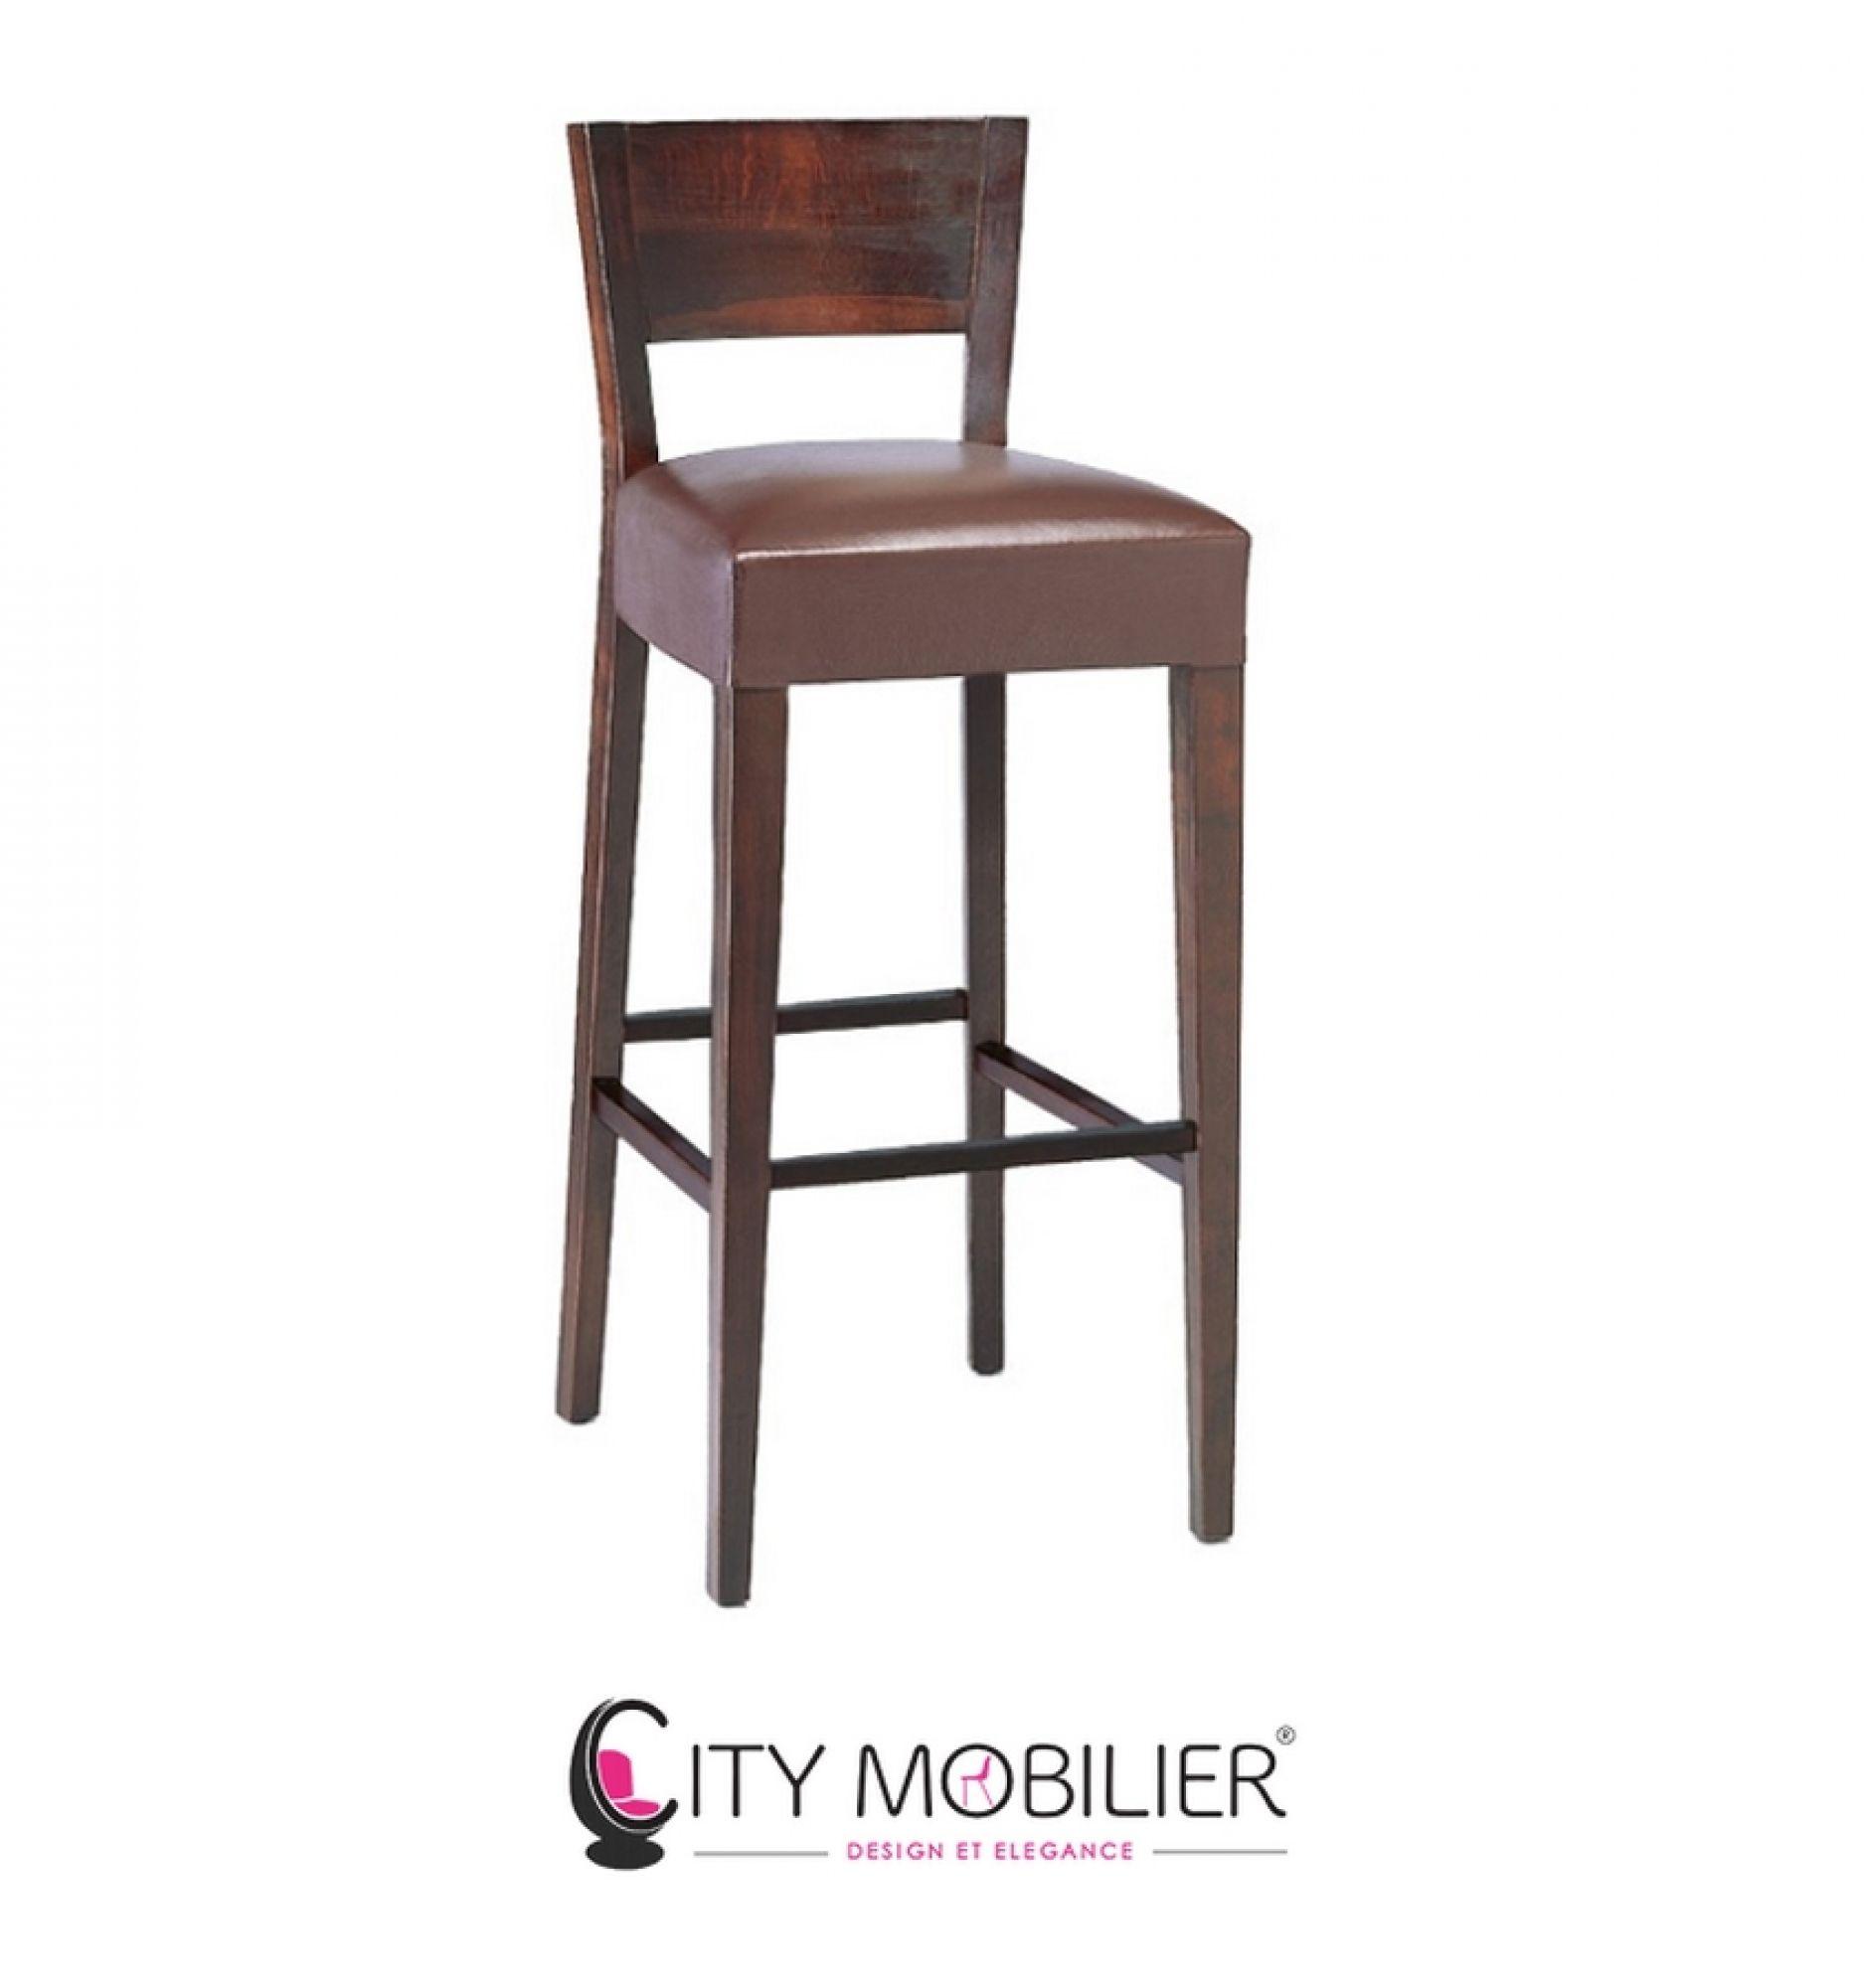 Chaise Pour Bar Idée Pour La Maison Et Cuisine